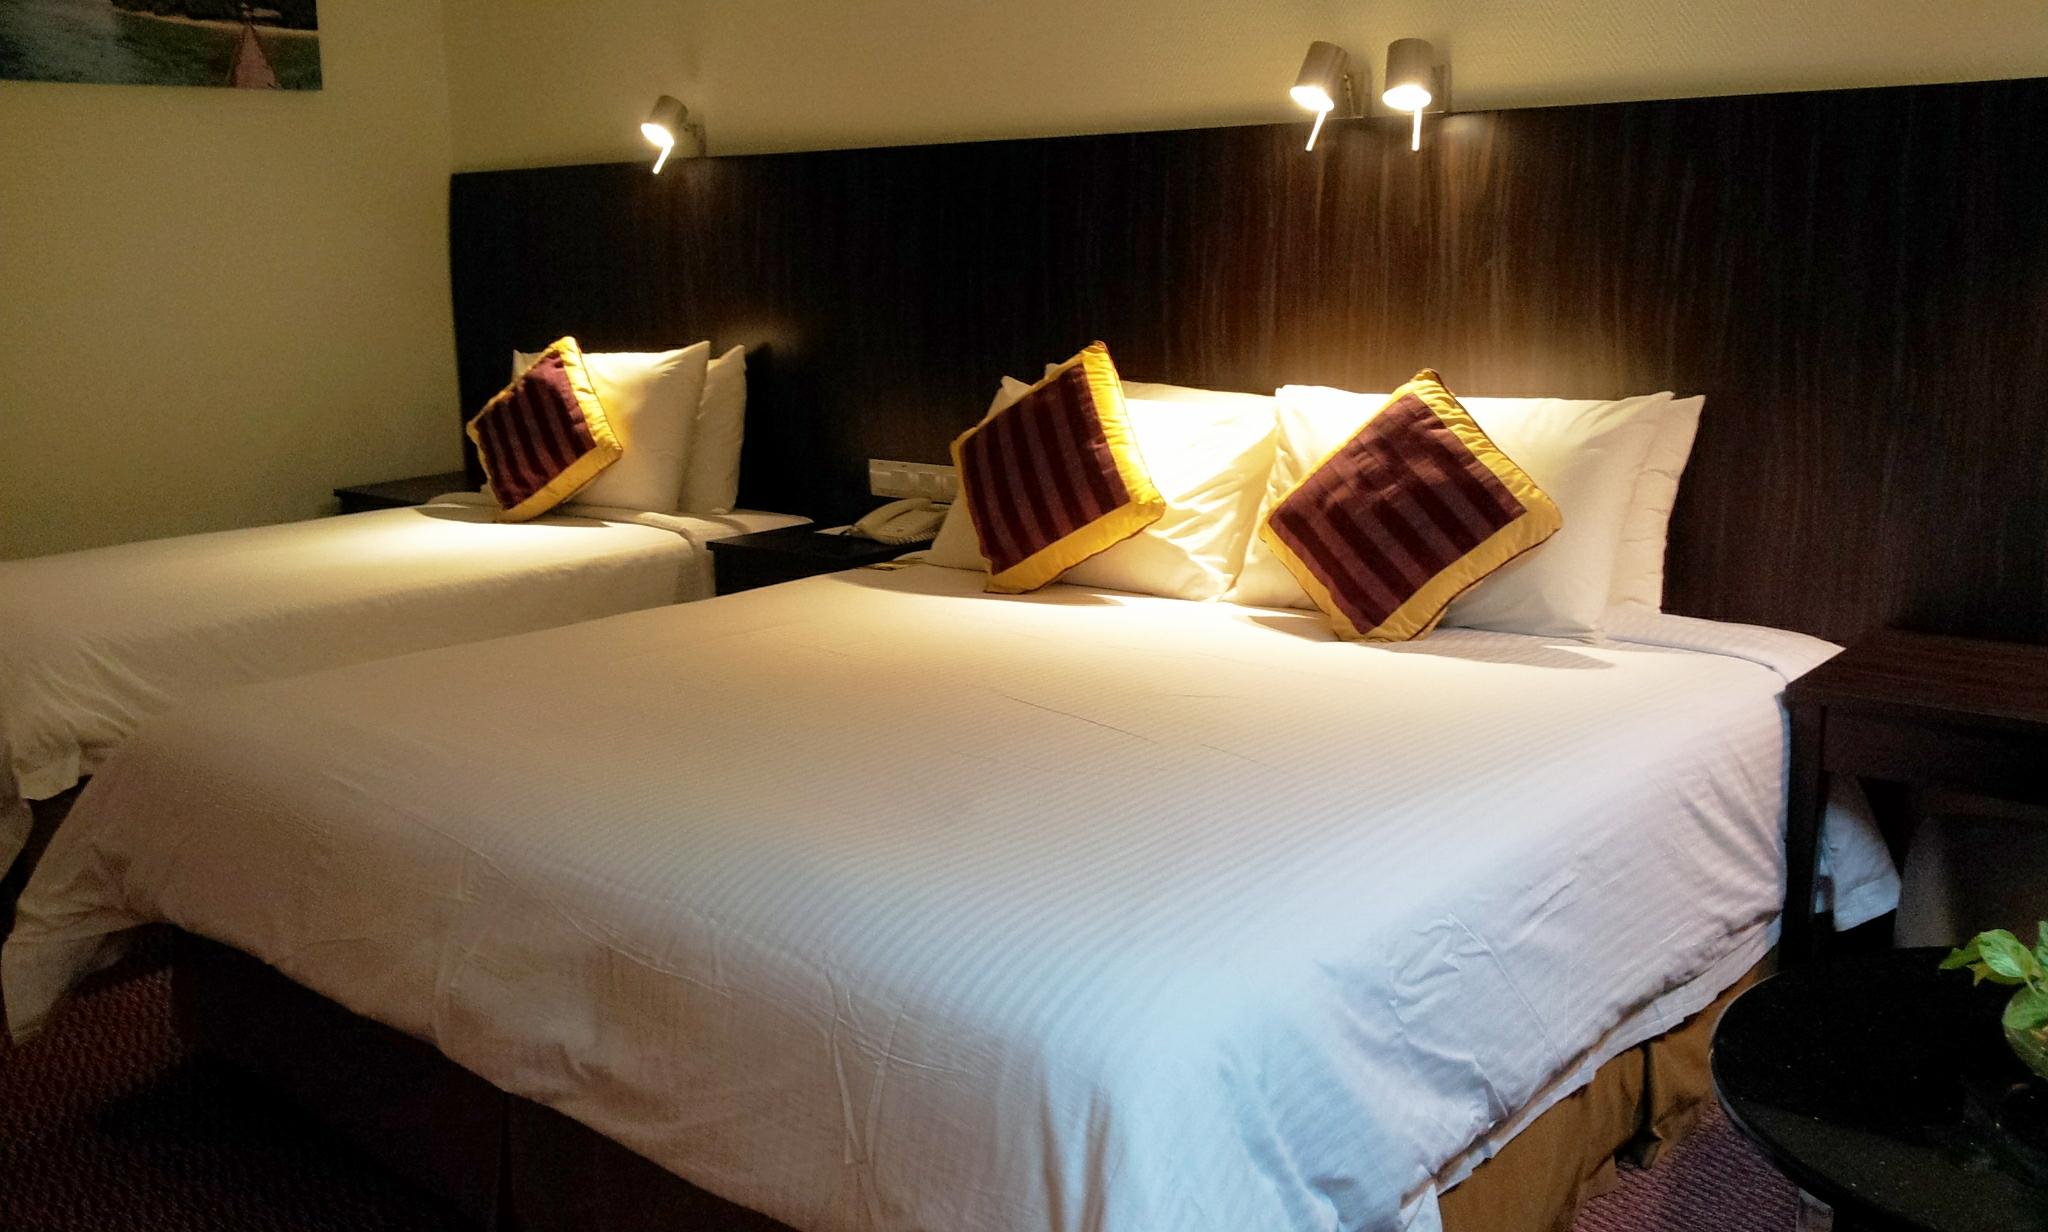 โรงแรมแกรนด์คอนติเนนทัล กวนตัน